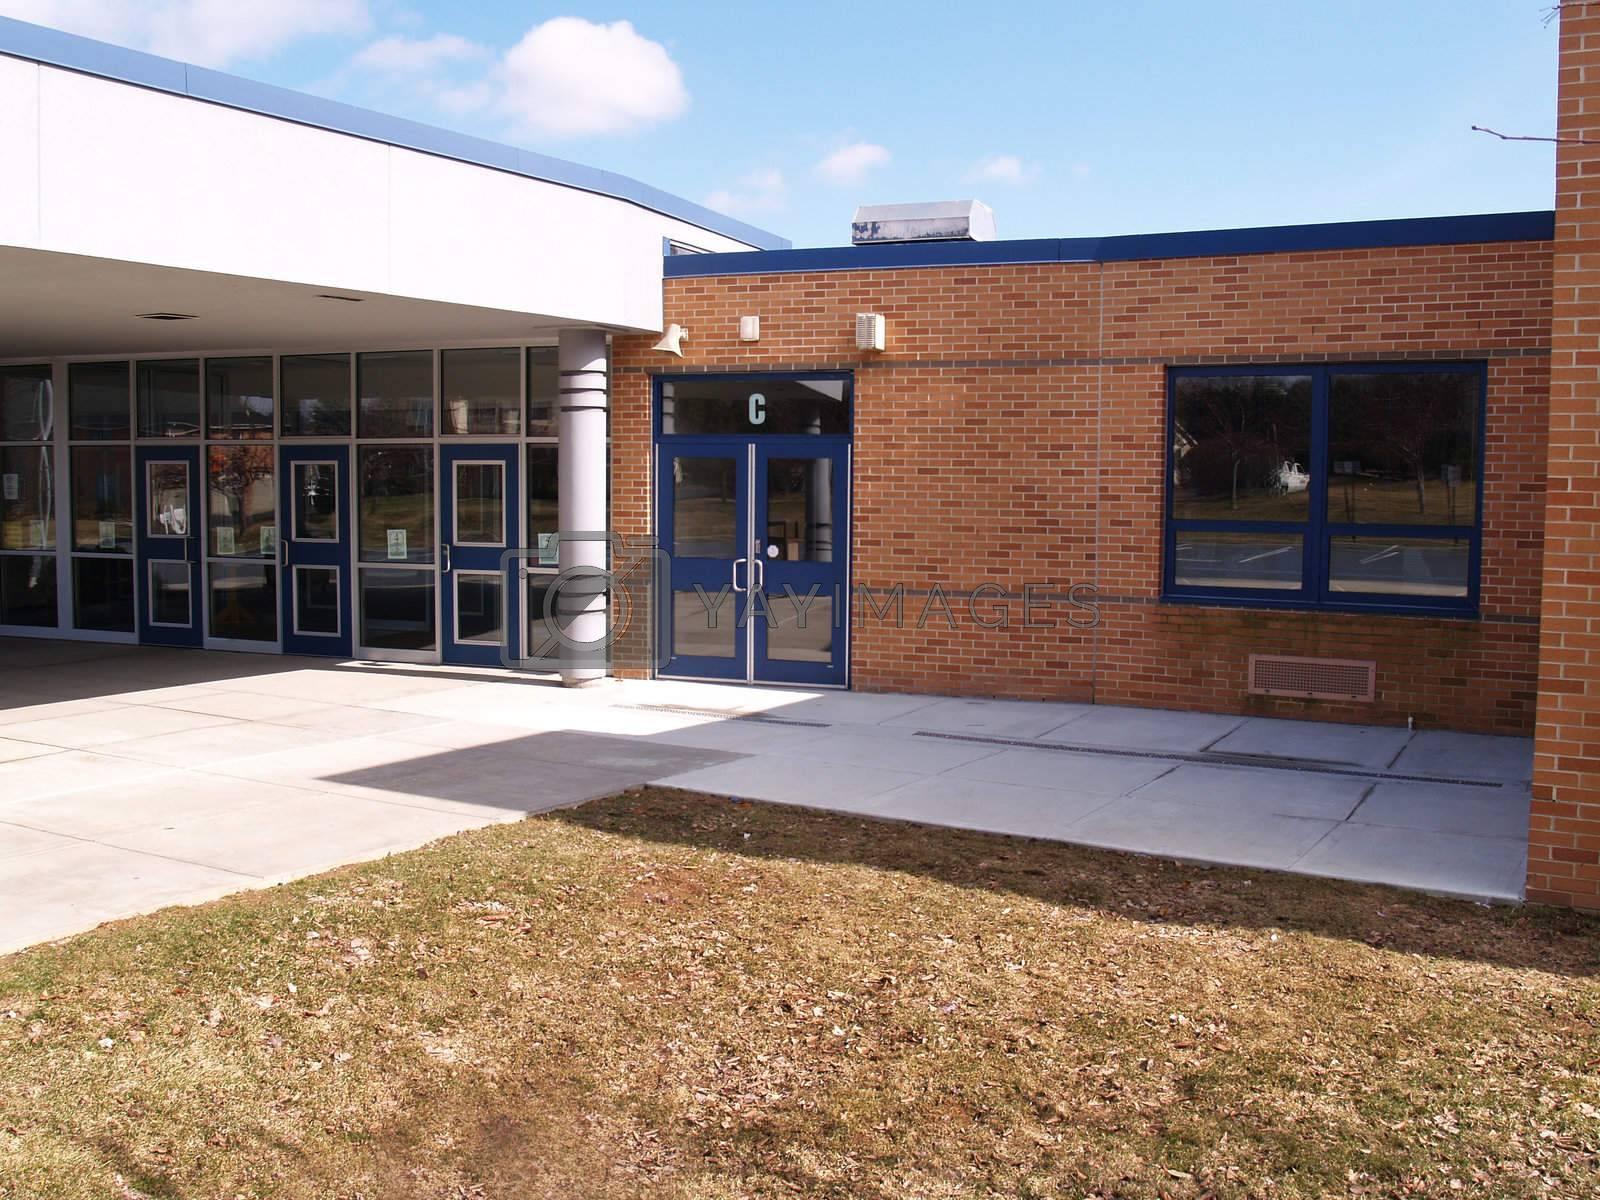 front door and windows of a modern school